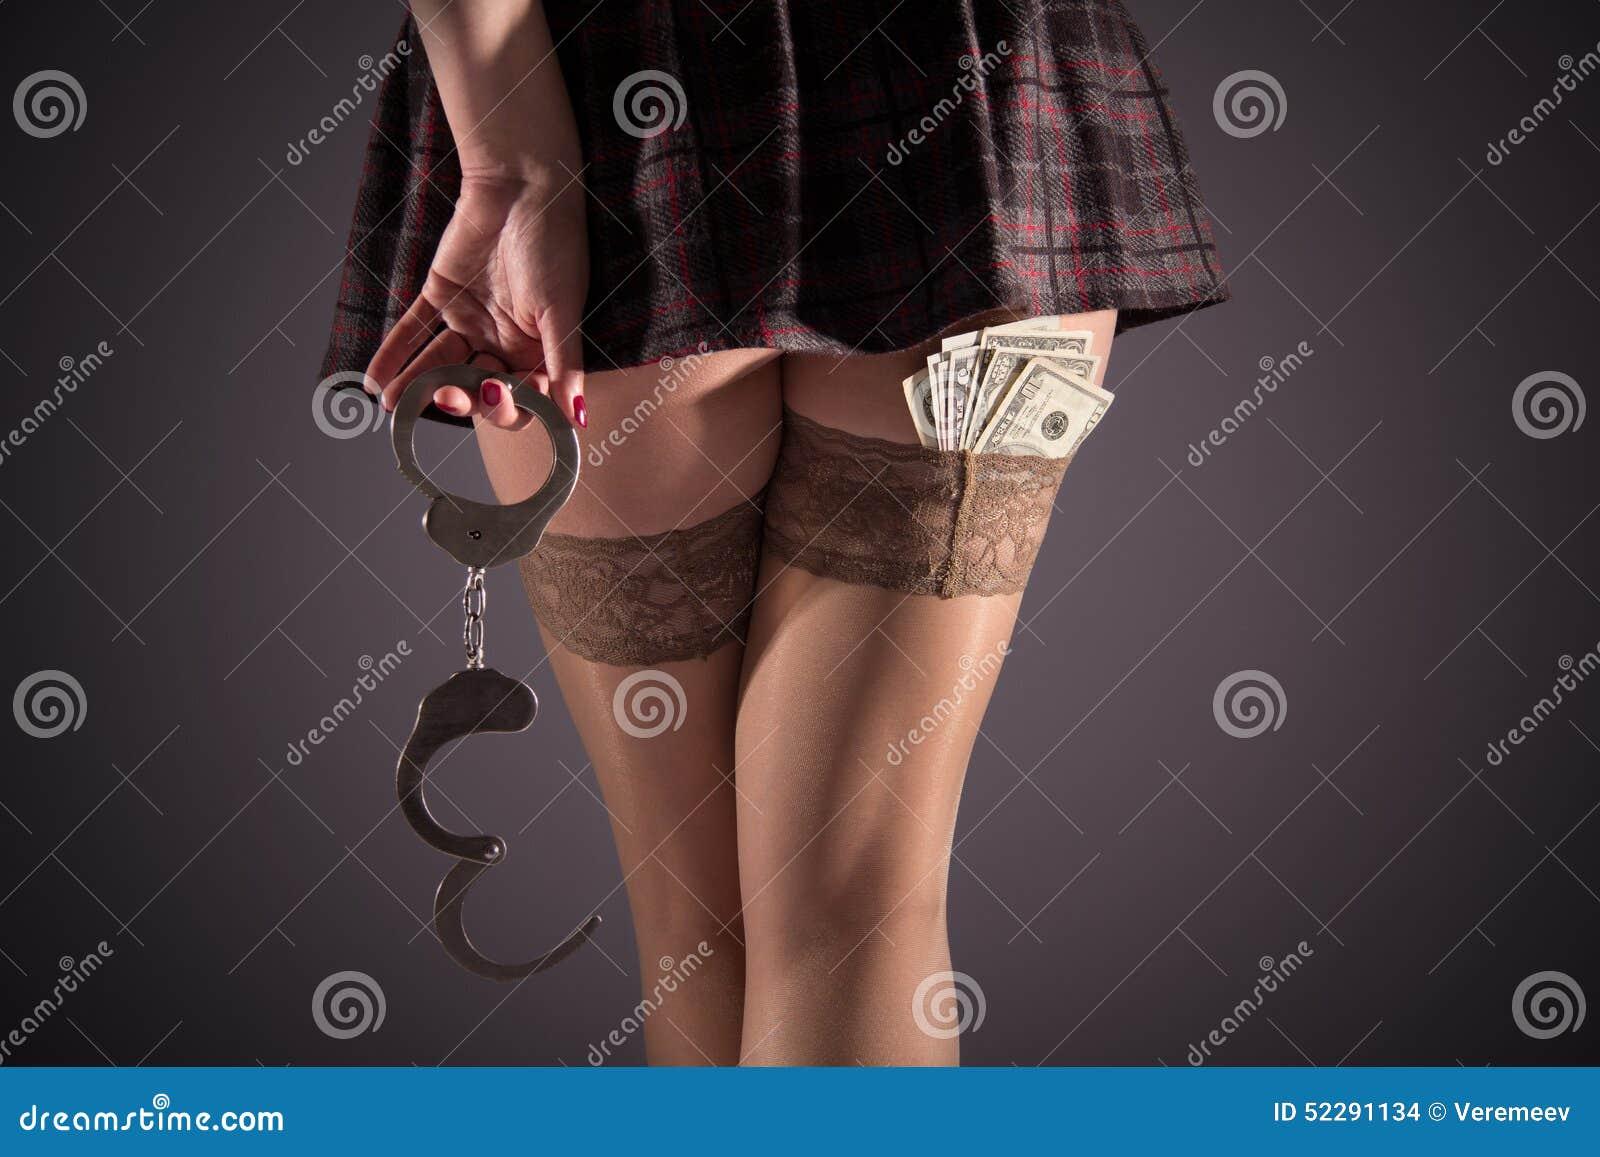 проститутки киров в контакте